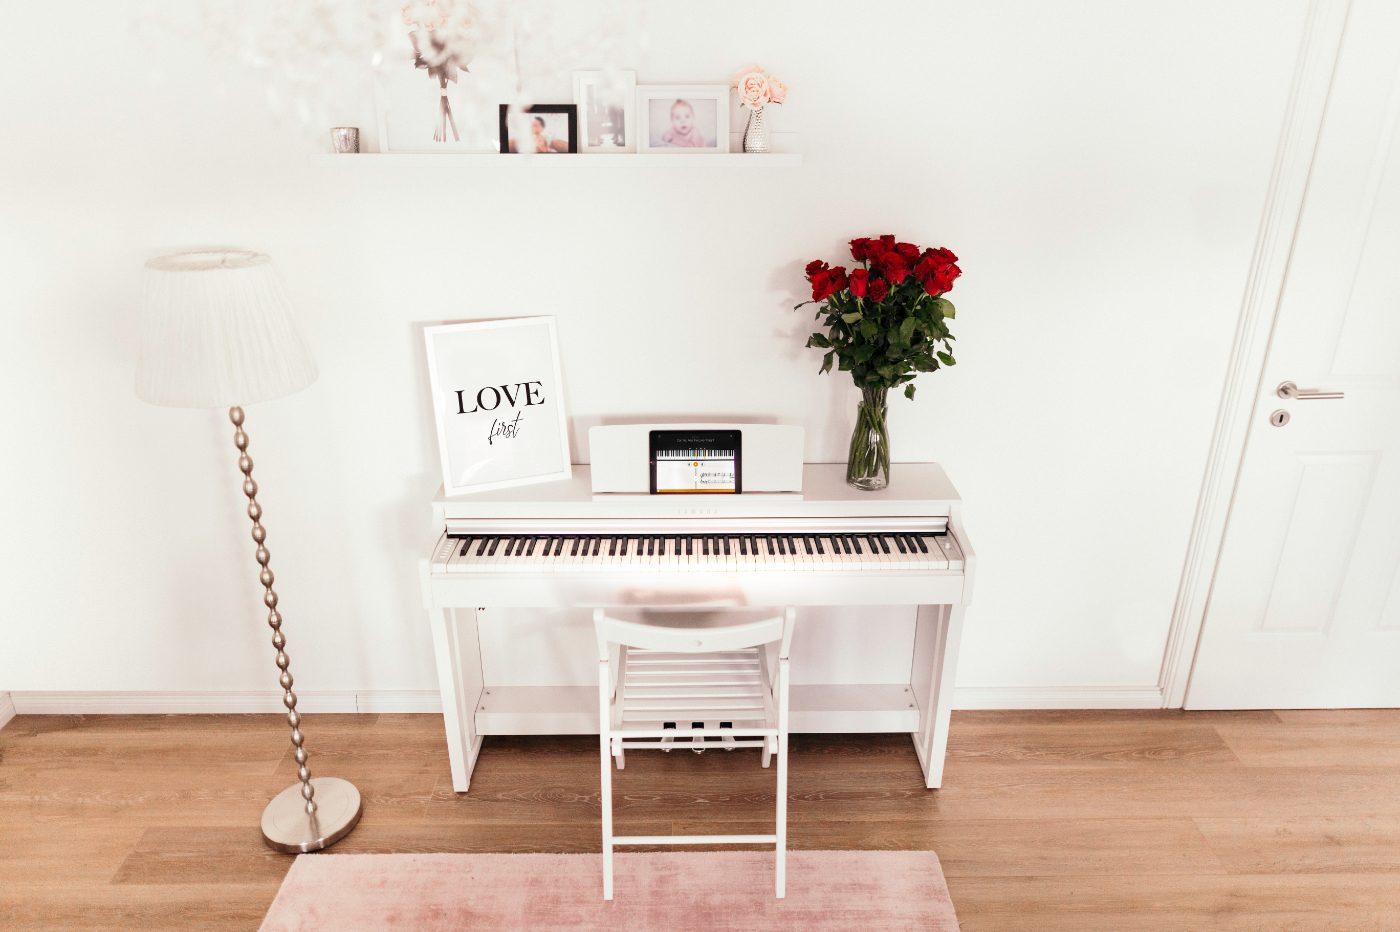 Avec flowkey, apprendre le piano devient un jeu d'enfant